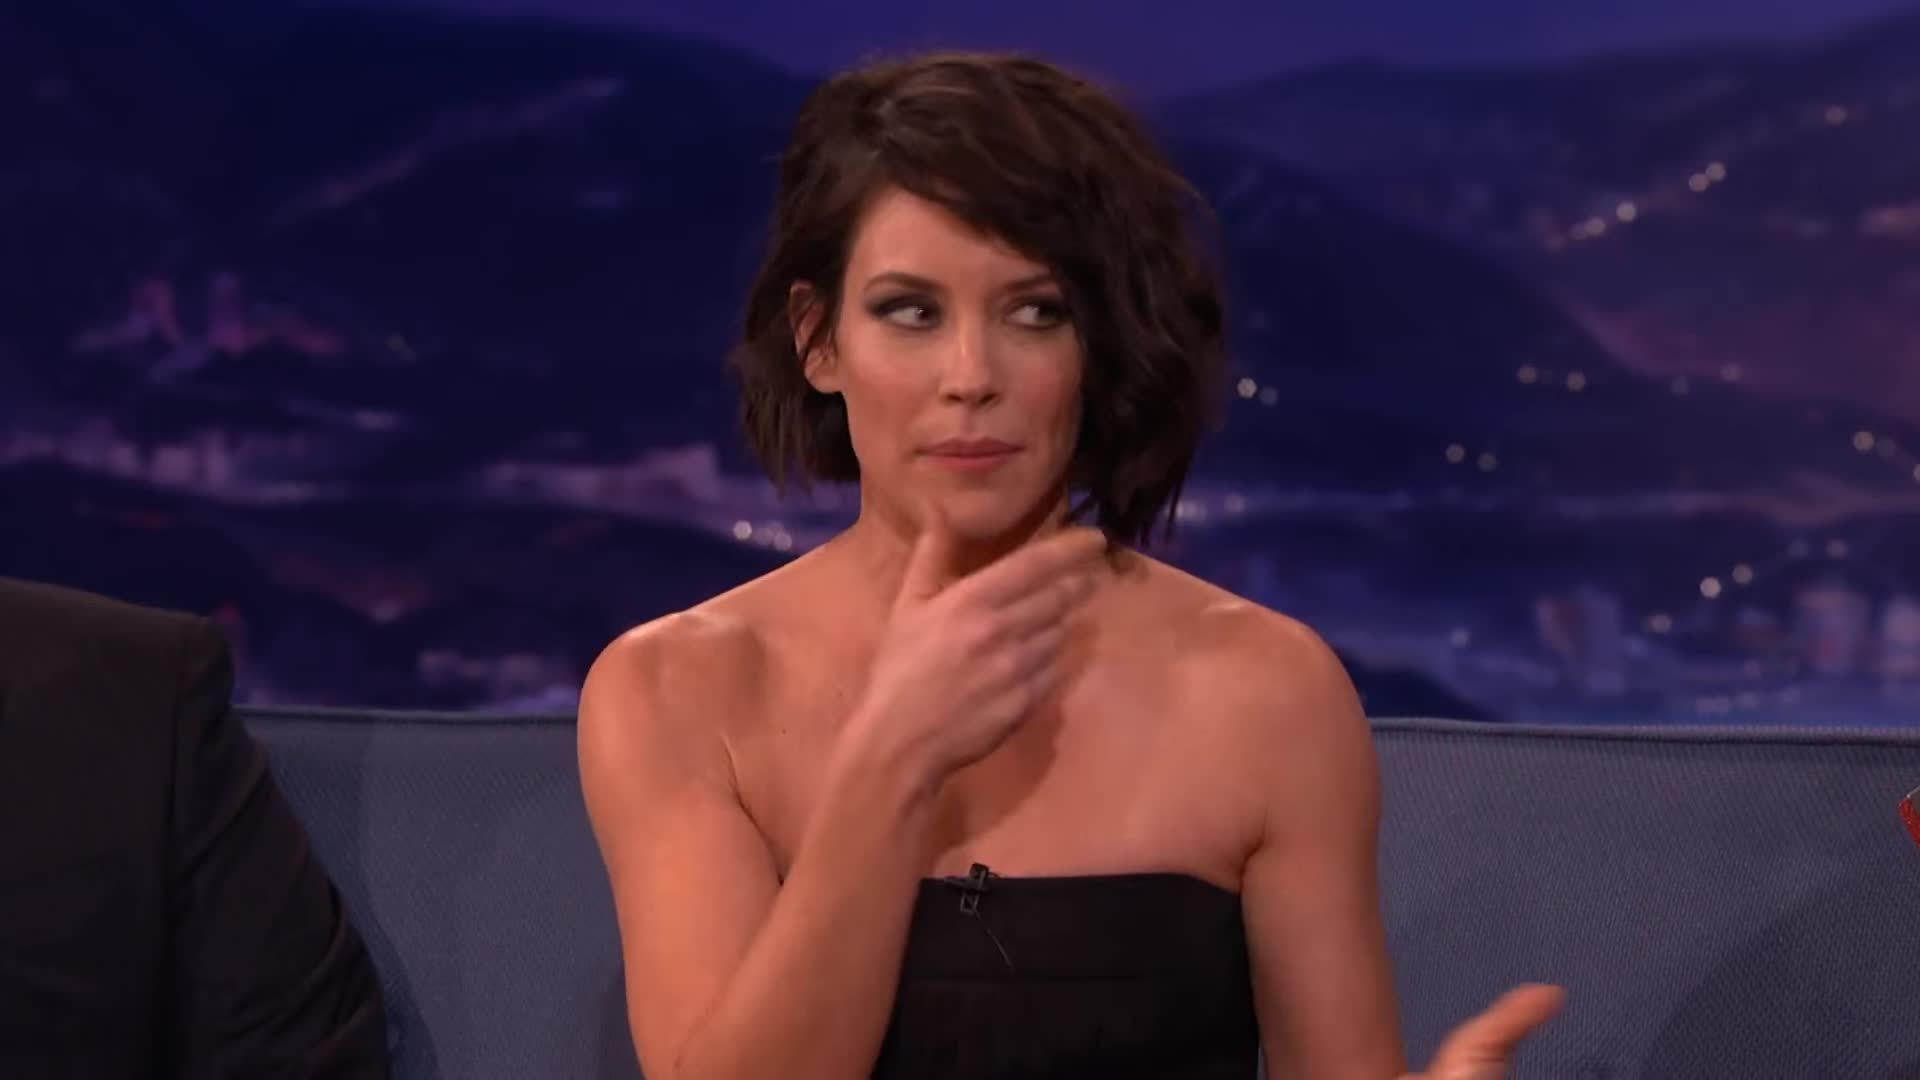 evangelinelilly, sexyhair, talkshowgirls, Evangeline Lilly's Ear Fetish  - CONAN on TBS GIFs